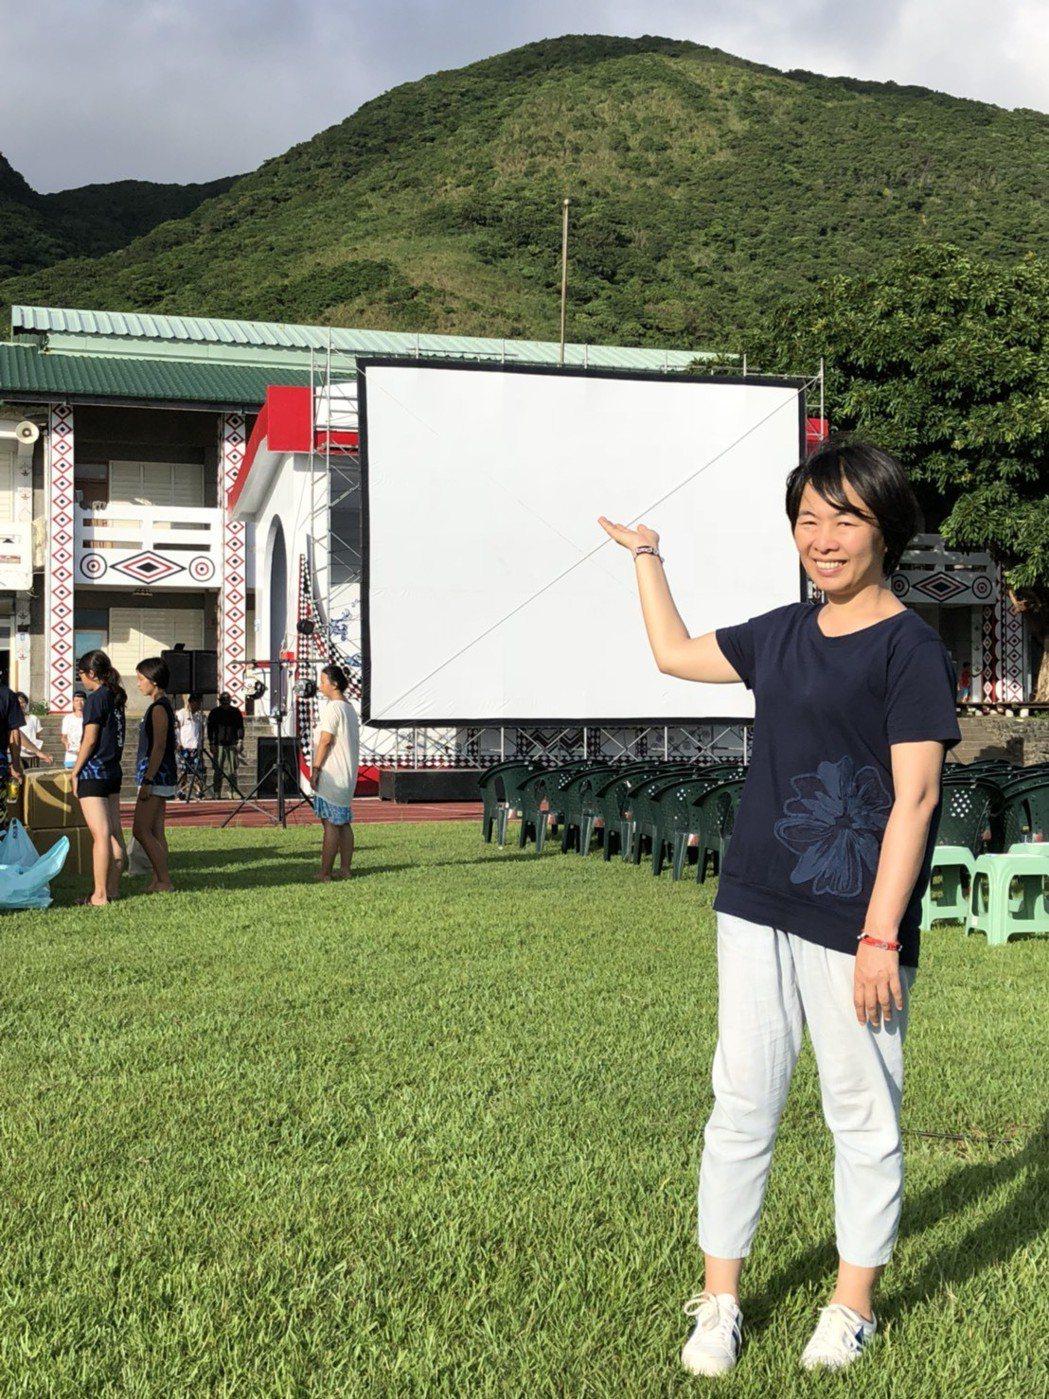 「只有大海知道」是導演崔永徽(右起)耗費6年心血的力作,露天舉辦全球首映。圖/海